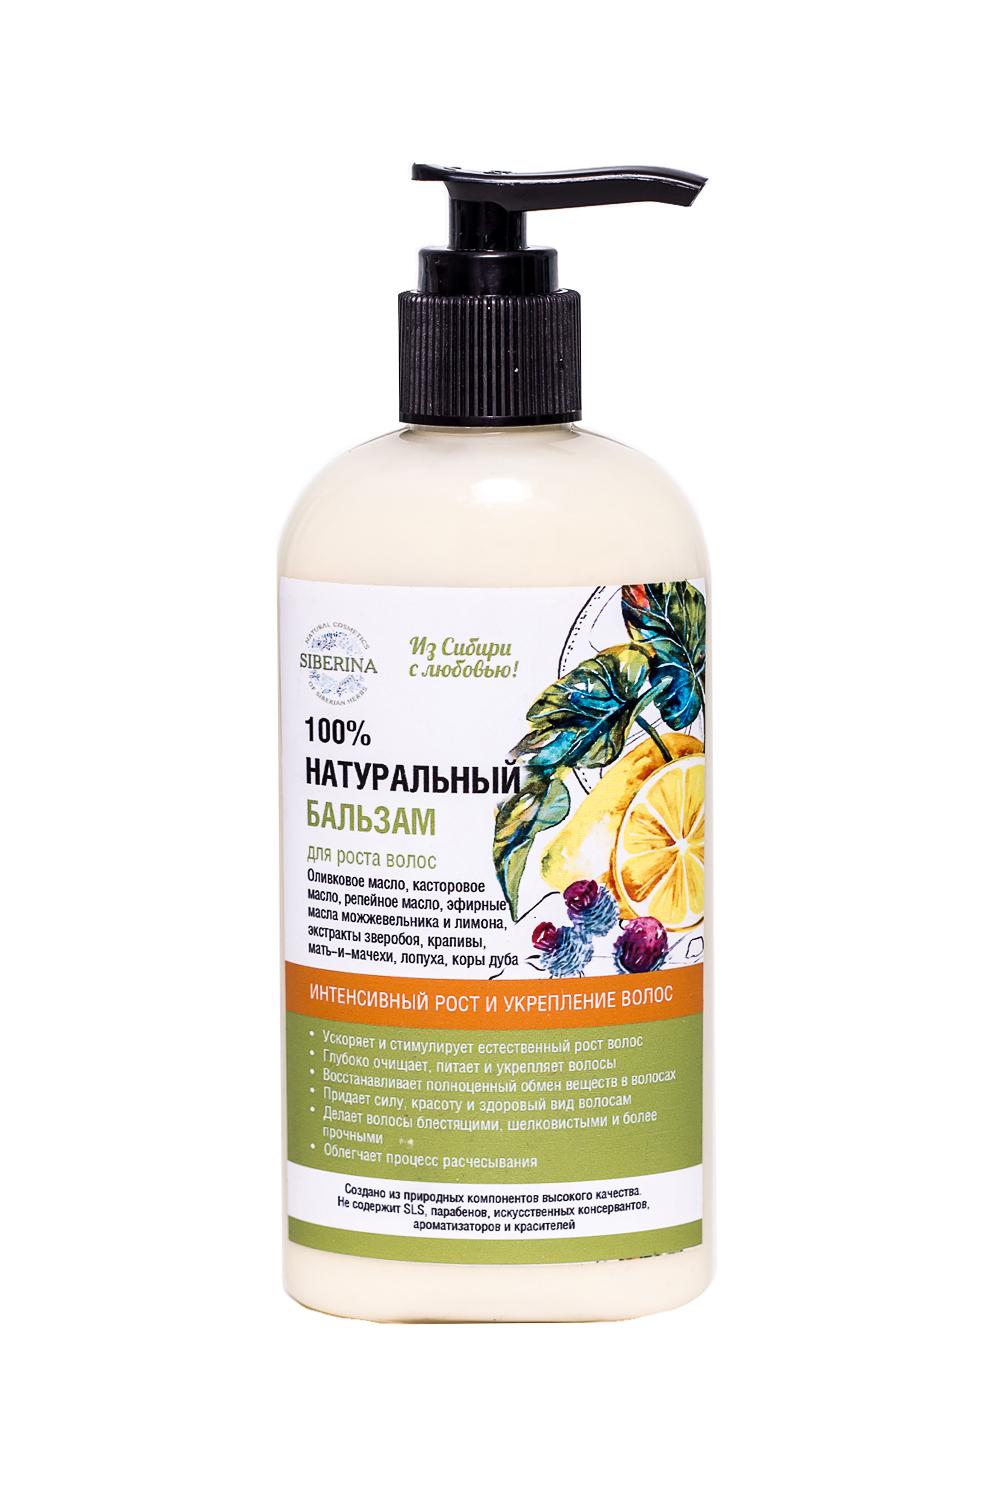 Натуральный бальзам Для роста волосБальзамы для волос<br>Натуральный Бальзам Для Роста Волос  Состав:  Вода дистиллированная, эмульгатор BTSM, цетилстеариловый спирт, глицерин, Д-пантенол, оливковое масло, касторовое масло, молочная кислота, репейное масло, эфирные масла можжевельника и лимона, витамин Е, экстракты кедра, крапивы, мать-и-мачехи, лопуха, коры дуба.  Рекомендуется:  Бальзам обеспечивает комплексный уход за кожей головы и волосами. Он усиливает рост волос, делает их прочными и упругими, обеспечивает легкое расчесывание.  Активные Ингредиенты И Их Действие: Оливковое Масло обеспечивает оптимальное питание и увлажнение волос, помогает восполнить недостаток необходимых питательных веществ и витаминов, вернуть волосам их прежнюю живую силу, красоту, и здоровый внешний вид, способствует устранению и предотвращению сухости, избавлению от шелушения, зуда, и сухой перхоти.  Репейное Масло помогает восстановить полноценный обмен веществ, а также усилить капиллярное кровообращение в области волосистой части головы, и тем самым значительно укрепить волосяные стержни, и максимально ускорить естественный рост волос. Кроме того с его помощью можно не только предотвратить, но и остановить уже прогрессирующее выпадение волос.  Эфирное Масло Можжевельника способствует быстрому очищению кожи головы от токсинов, регенерирует ее и мягко подсушивает.  Эфирное Масло Лимона обладает противовоспалительным, противовирусным, отбеливающим, успокаивающим, тонизирующим, иммуностимулирующим и регенерирующим свойствами.           Экстракт Крапивы благотворно влияет на структуру волос, стимулирует их рост, снимает статическое электричество, защищает от Уф-лучей, устраняет перхоть и препятствует ее появлению.            Экстракт Лопуха оказывает противовоспалительное, антиаллергическое, антисептическое действие, борется с перхотью, стимулирует рост волос и восстанавливает их.  Способ Применения: Массирующими движениями нанести на чистые влажные волосы, через 2-4 минуты смыть. В случае